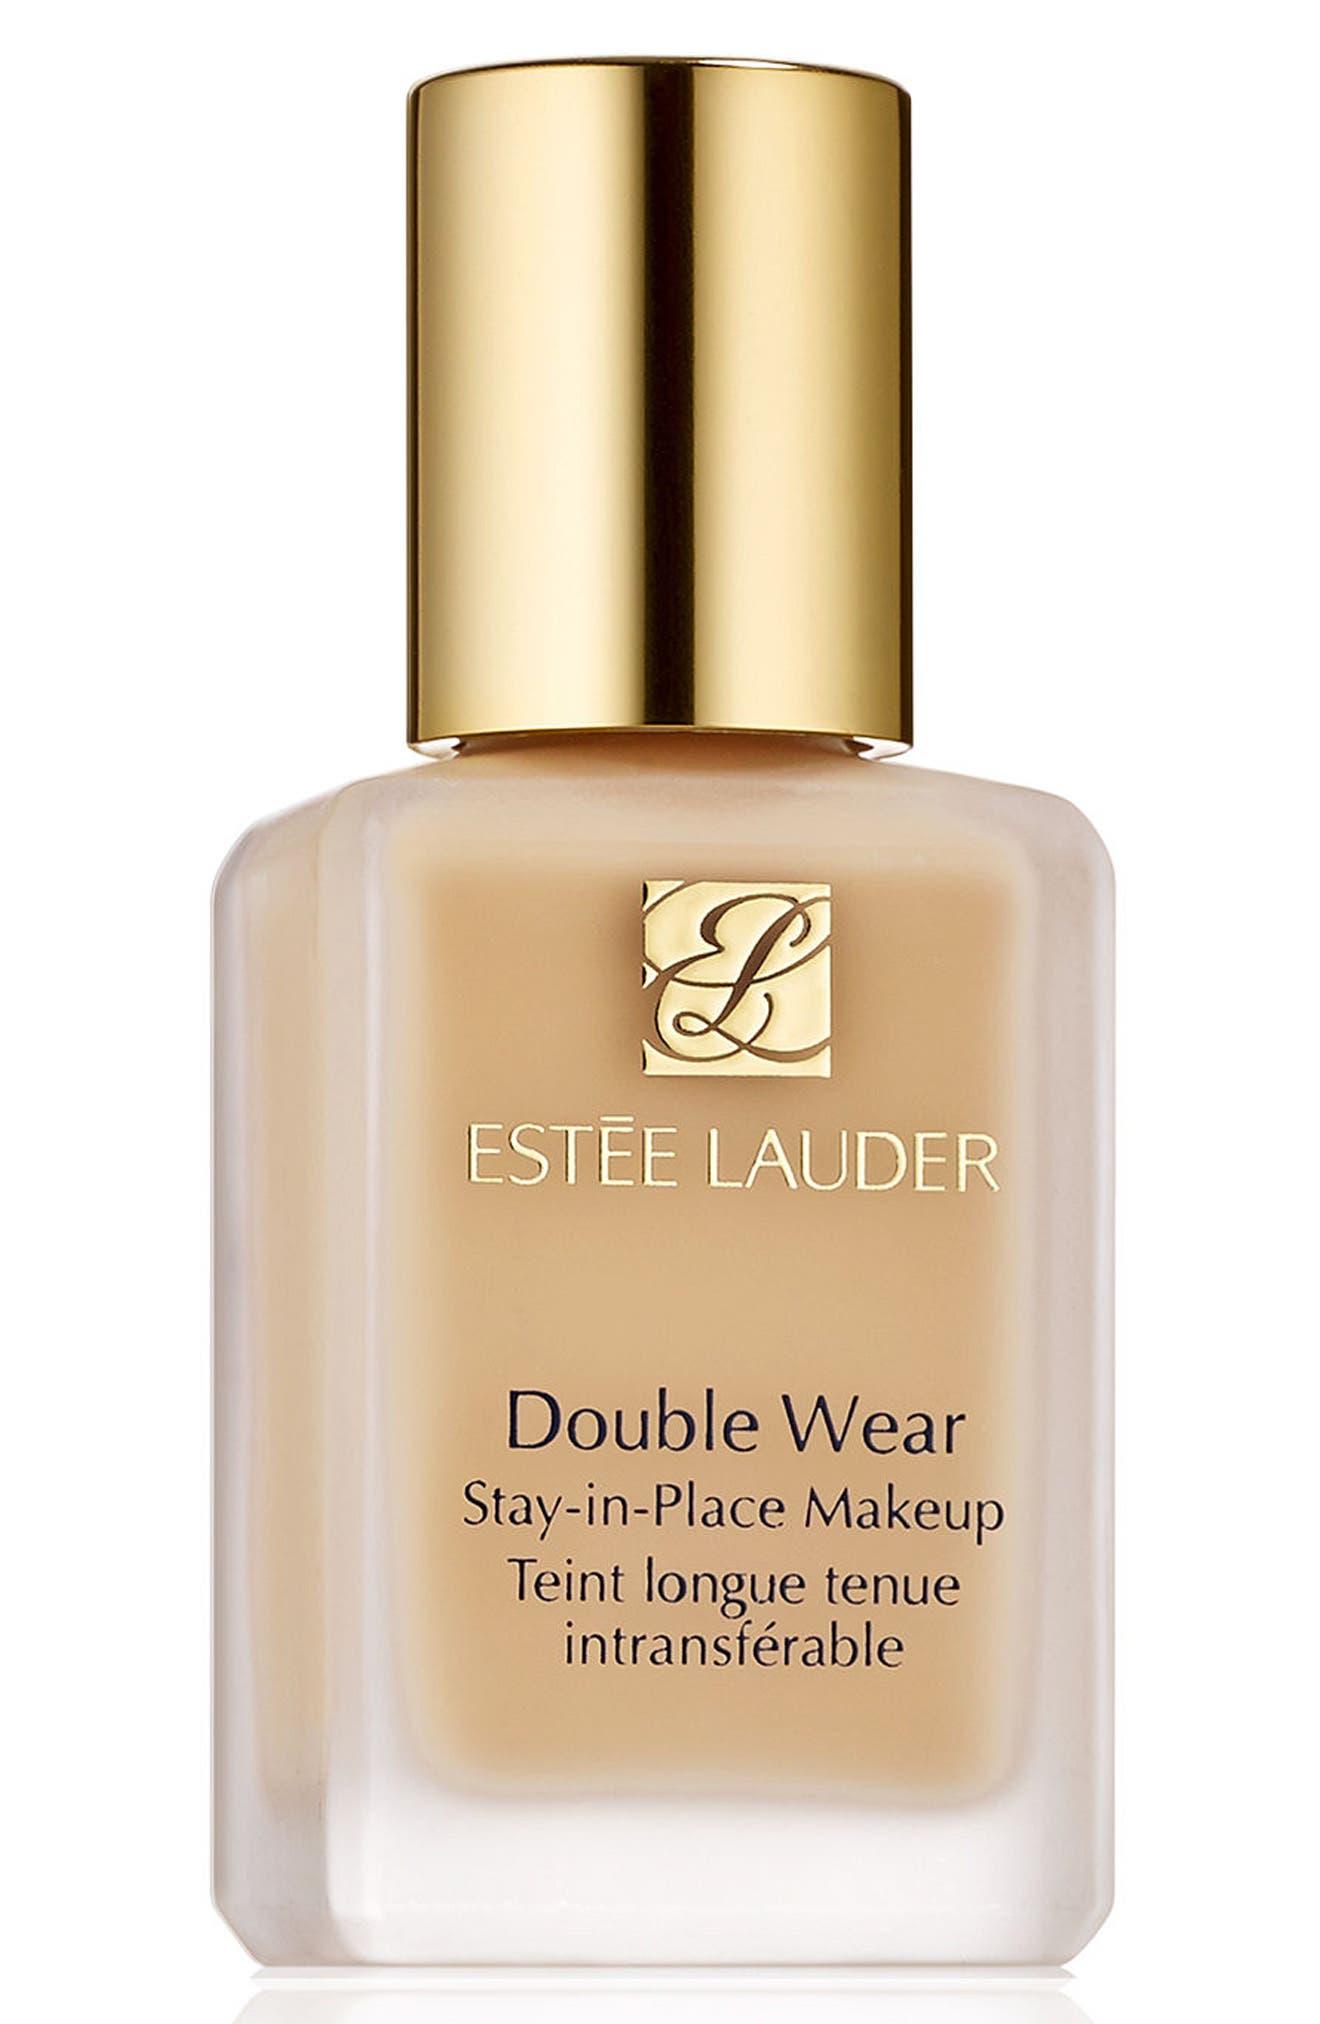 Estee Lauder Double Wear Stay-In-Place Liquid Makeup - 1W1 Bone